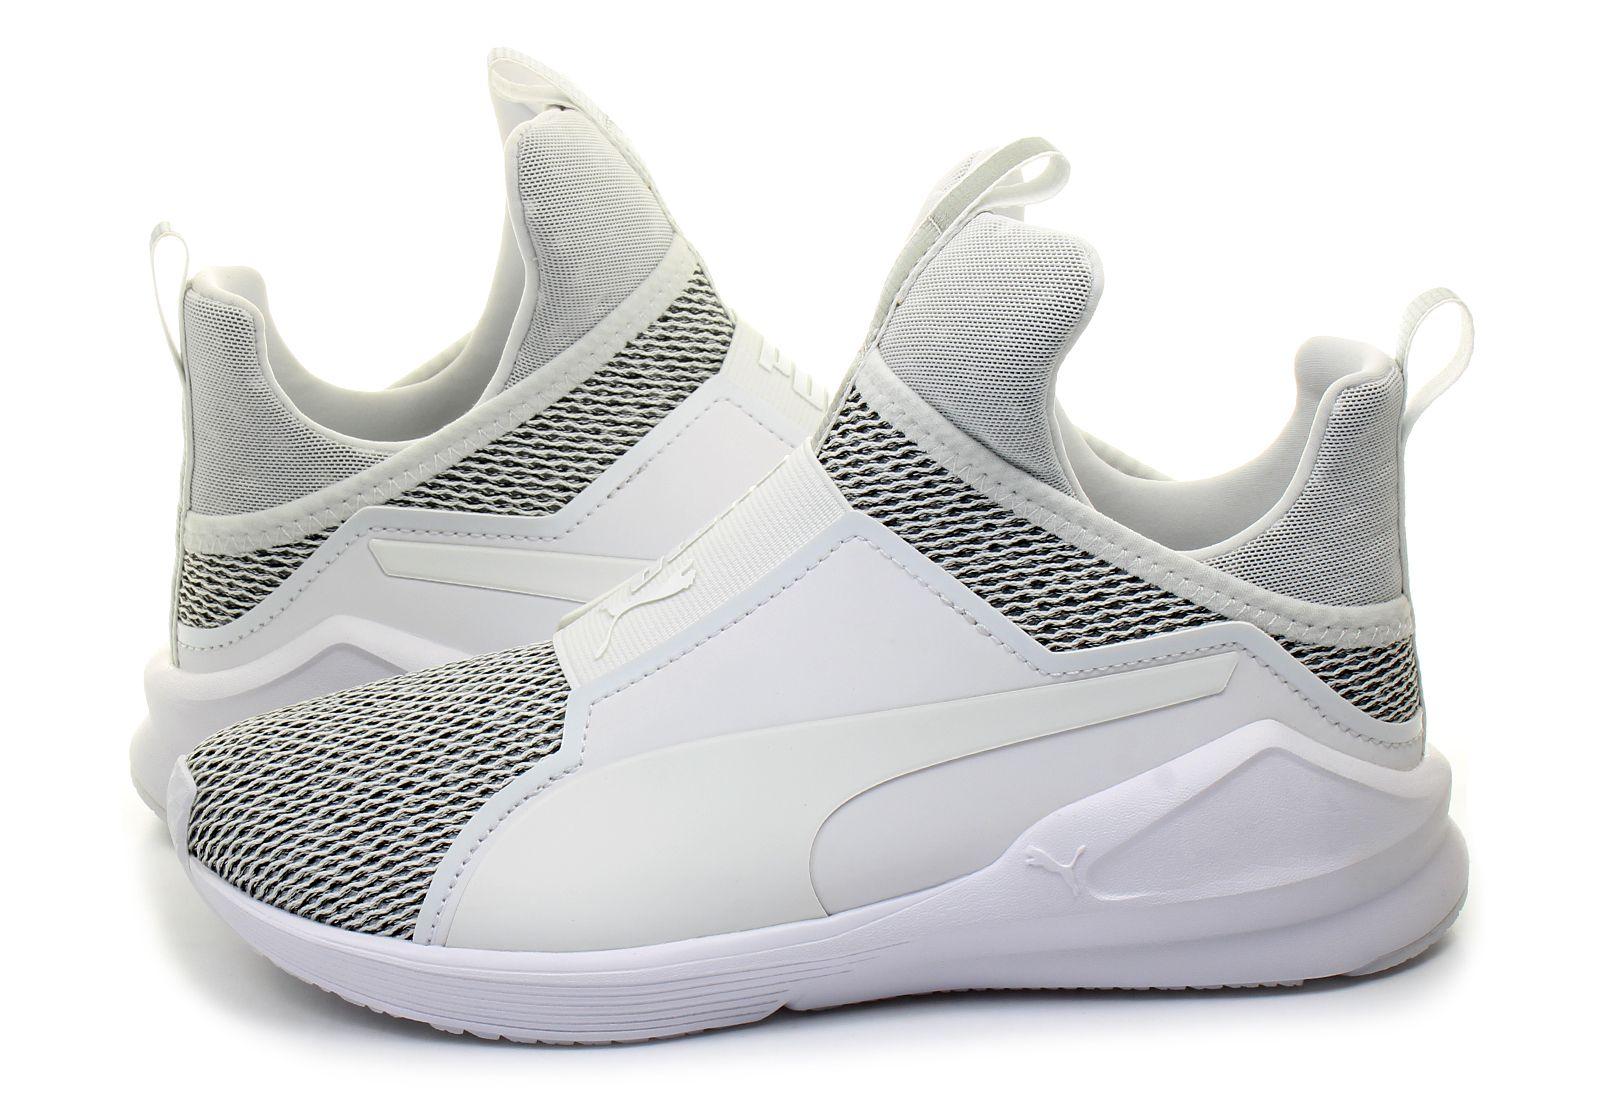 Puma Cipő - Fierce Knit - 19030302-wht - Office Shoes Magyarország 838d377357